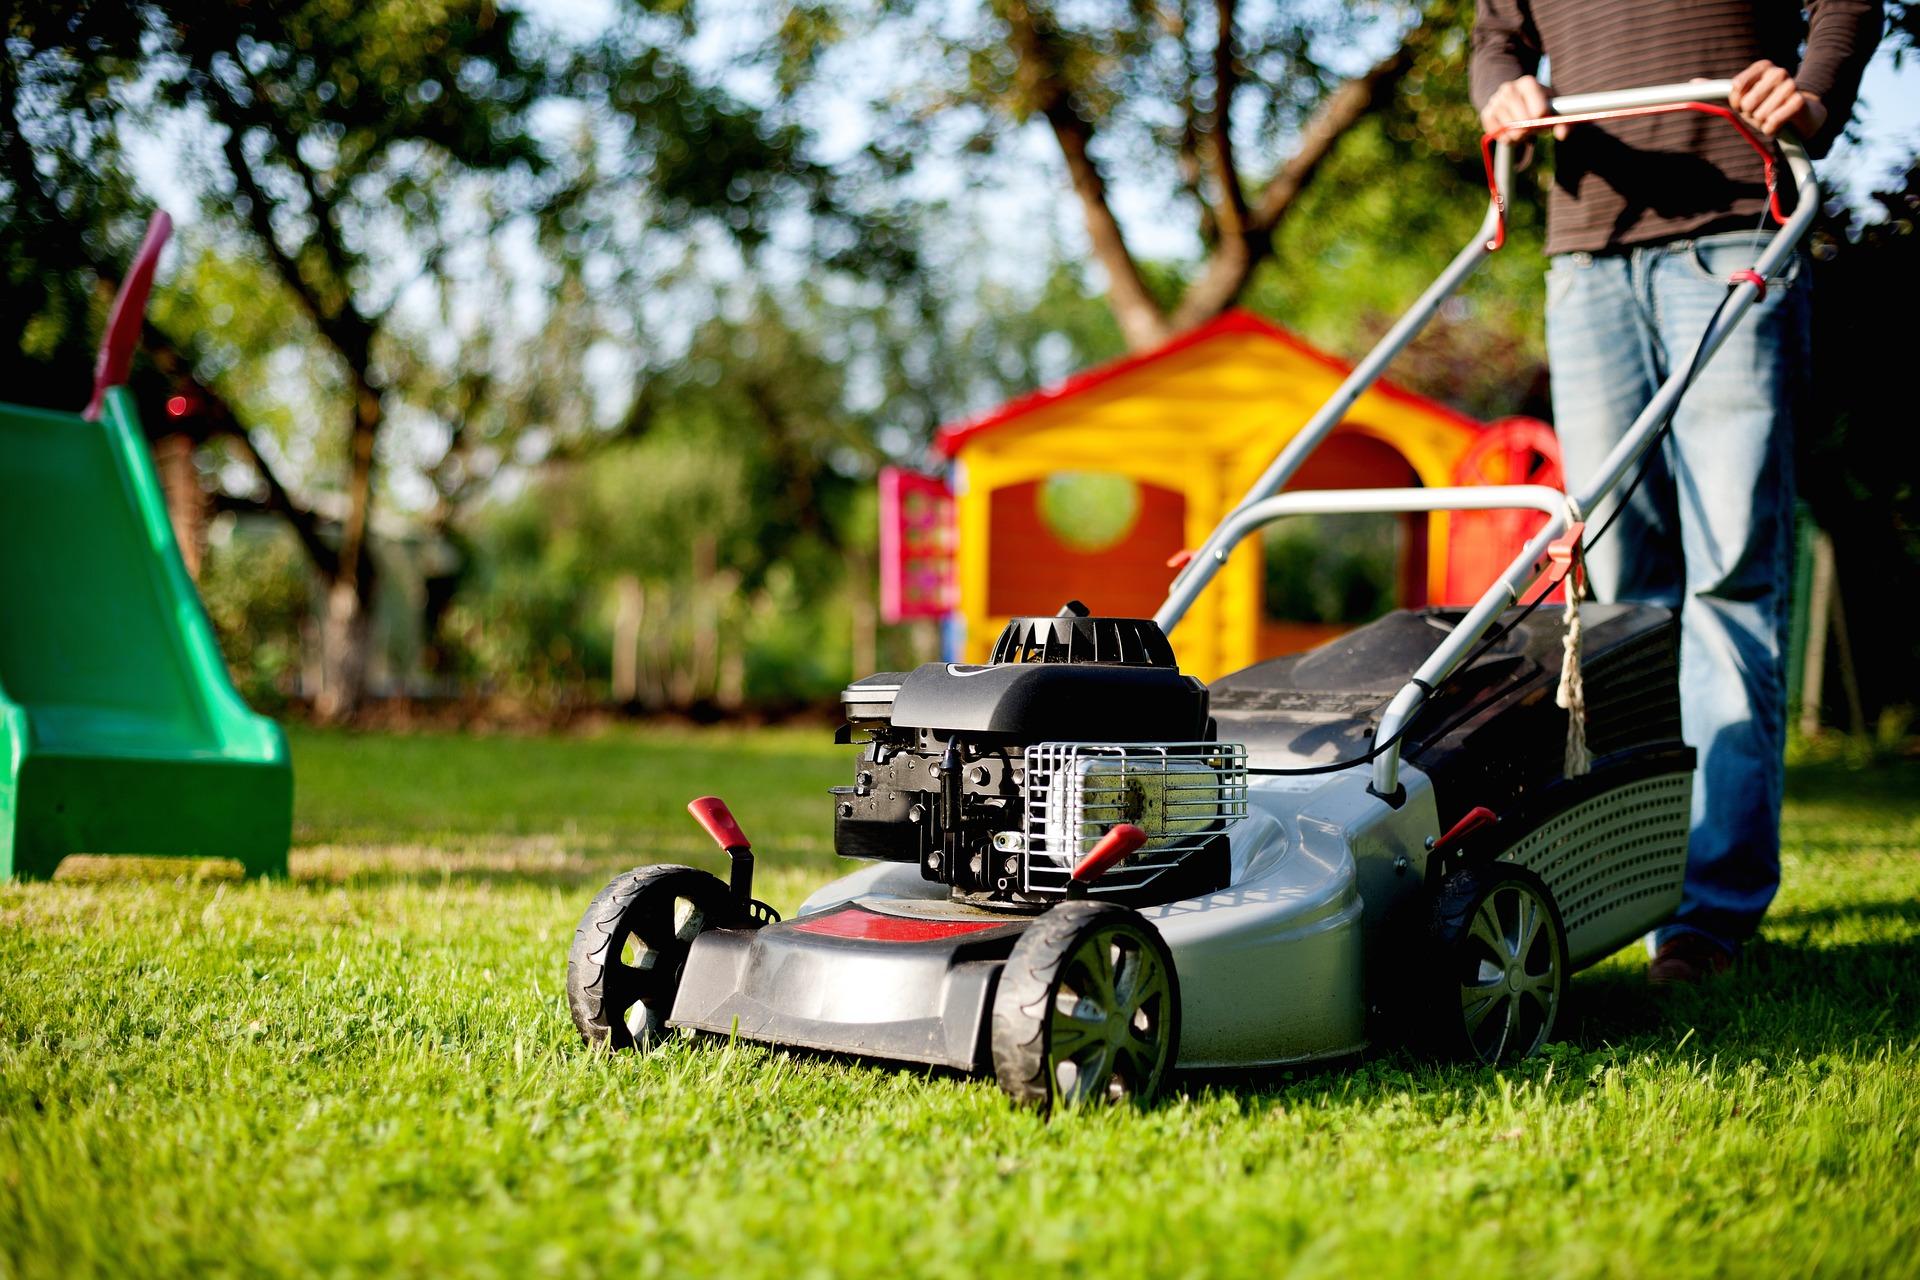 lawn-mower-2127637_1920.jpg